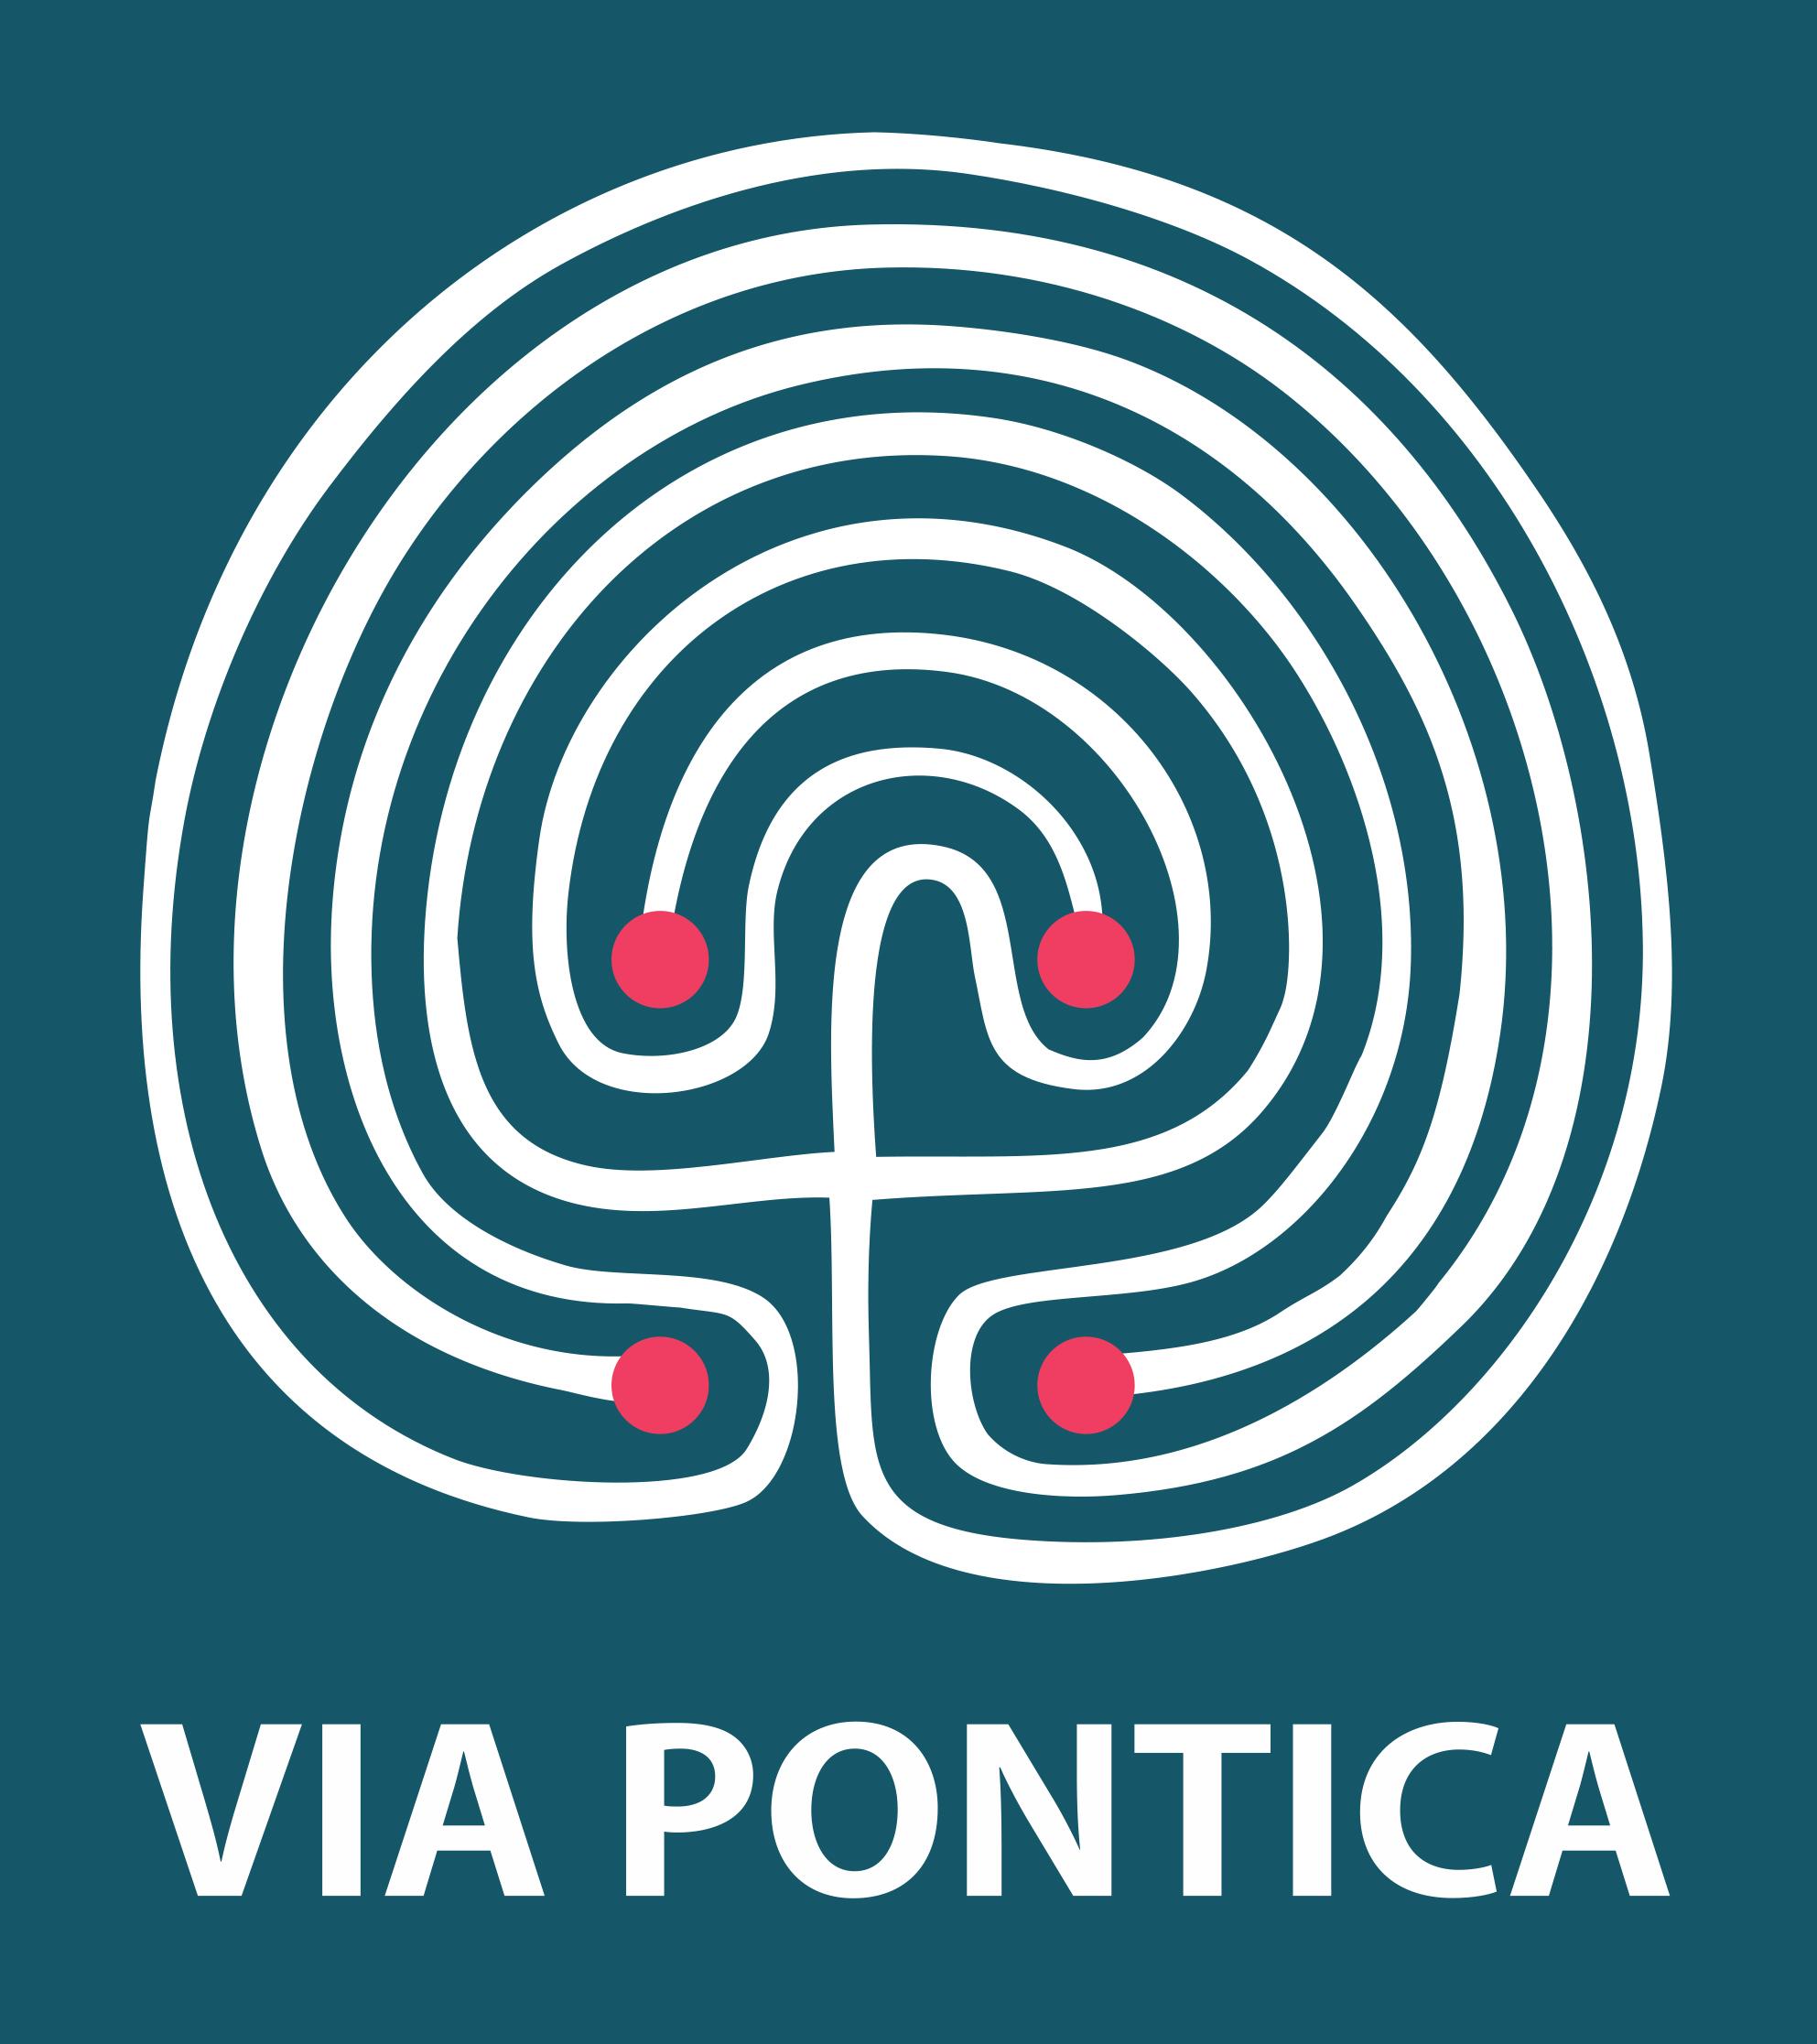 logo-via-pontica